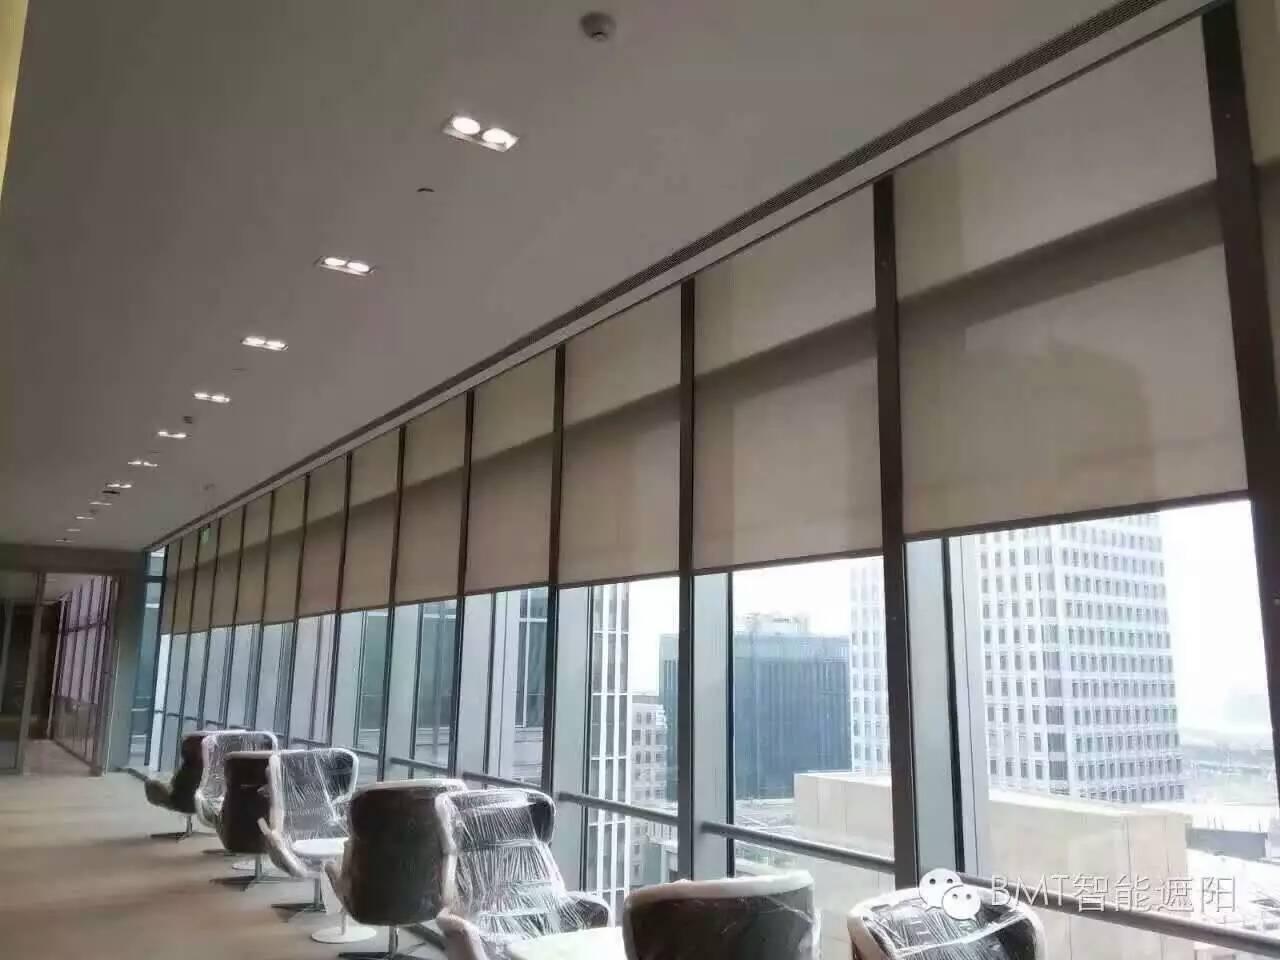 会议室全遮光窗帘 隔断窗帘 阳光房天蓬帘 阳光房蜂巢帘 钢结构电动